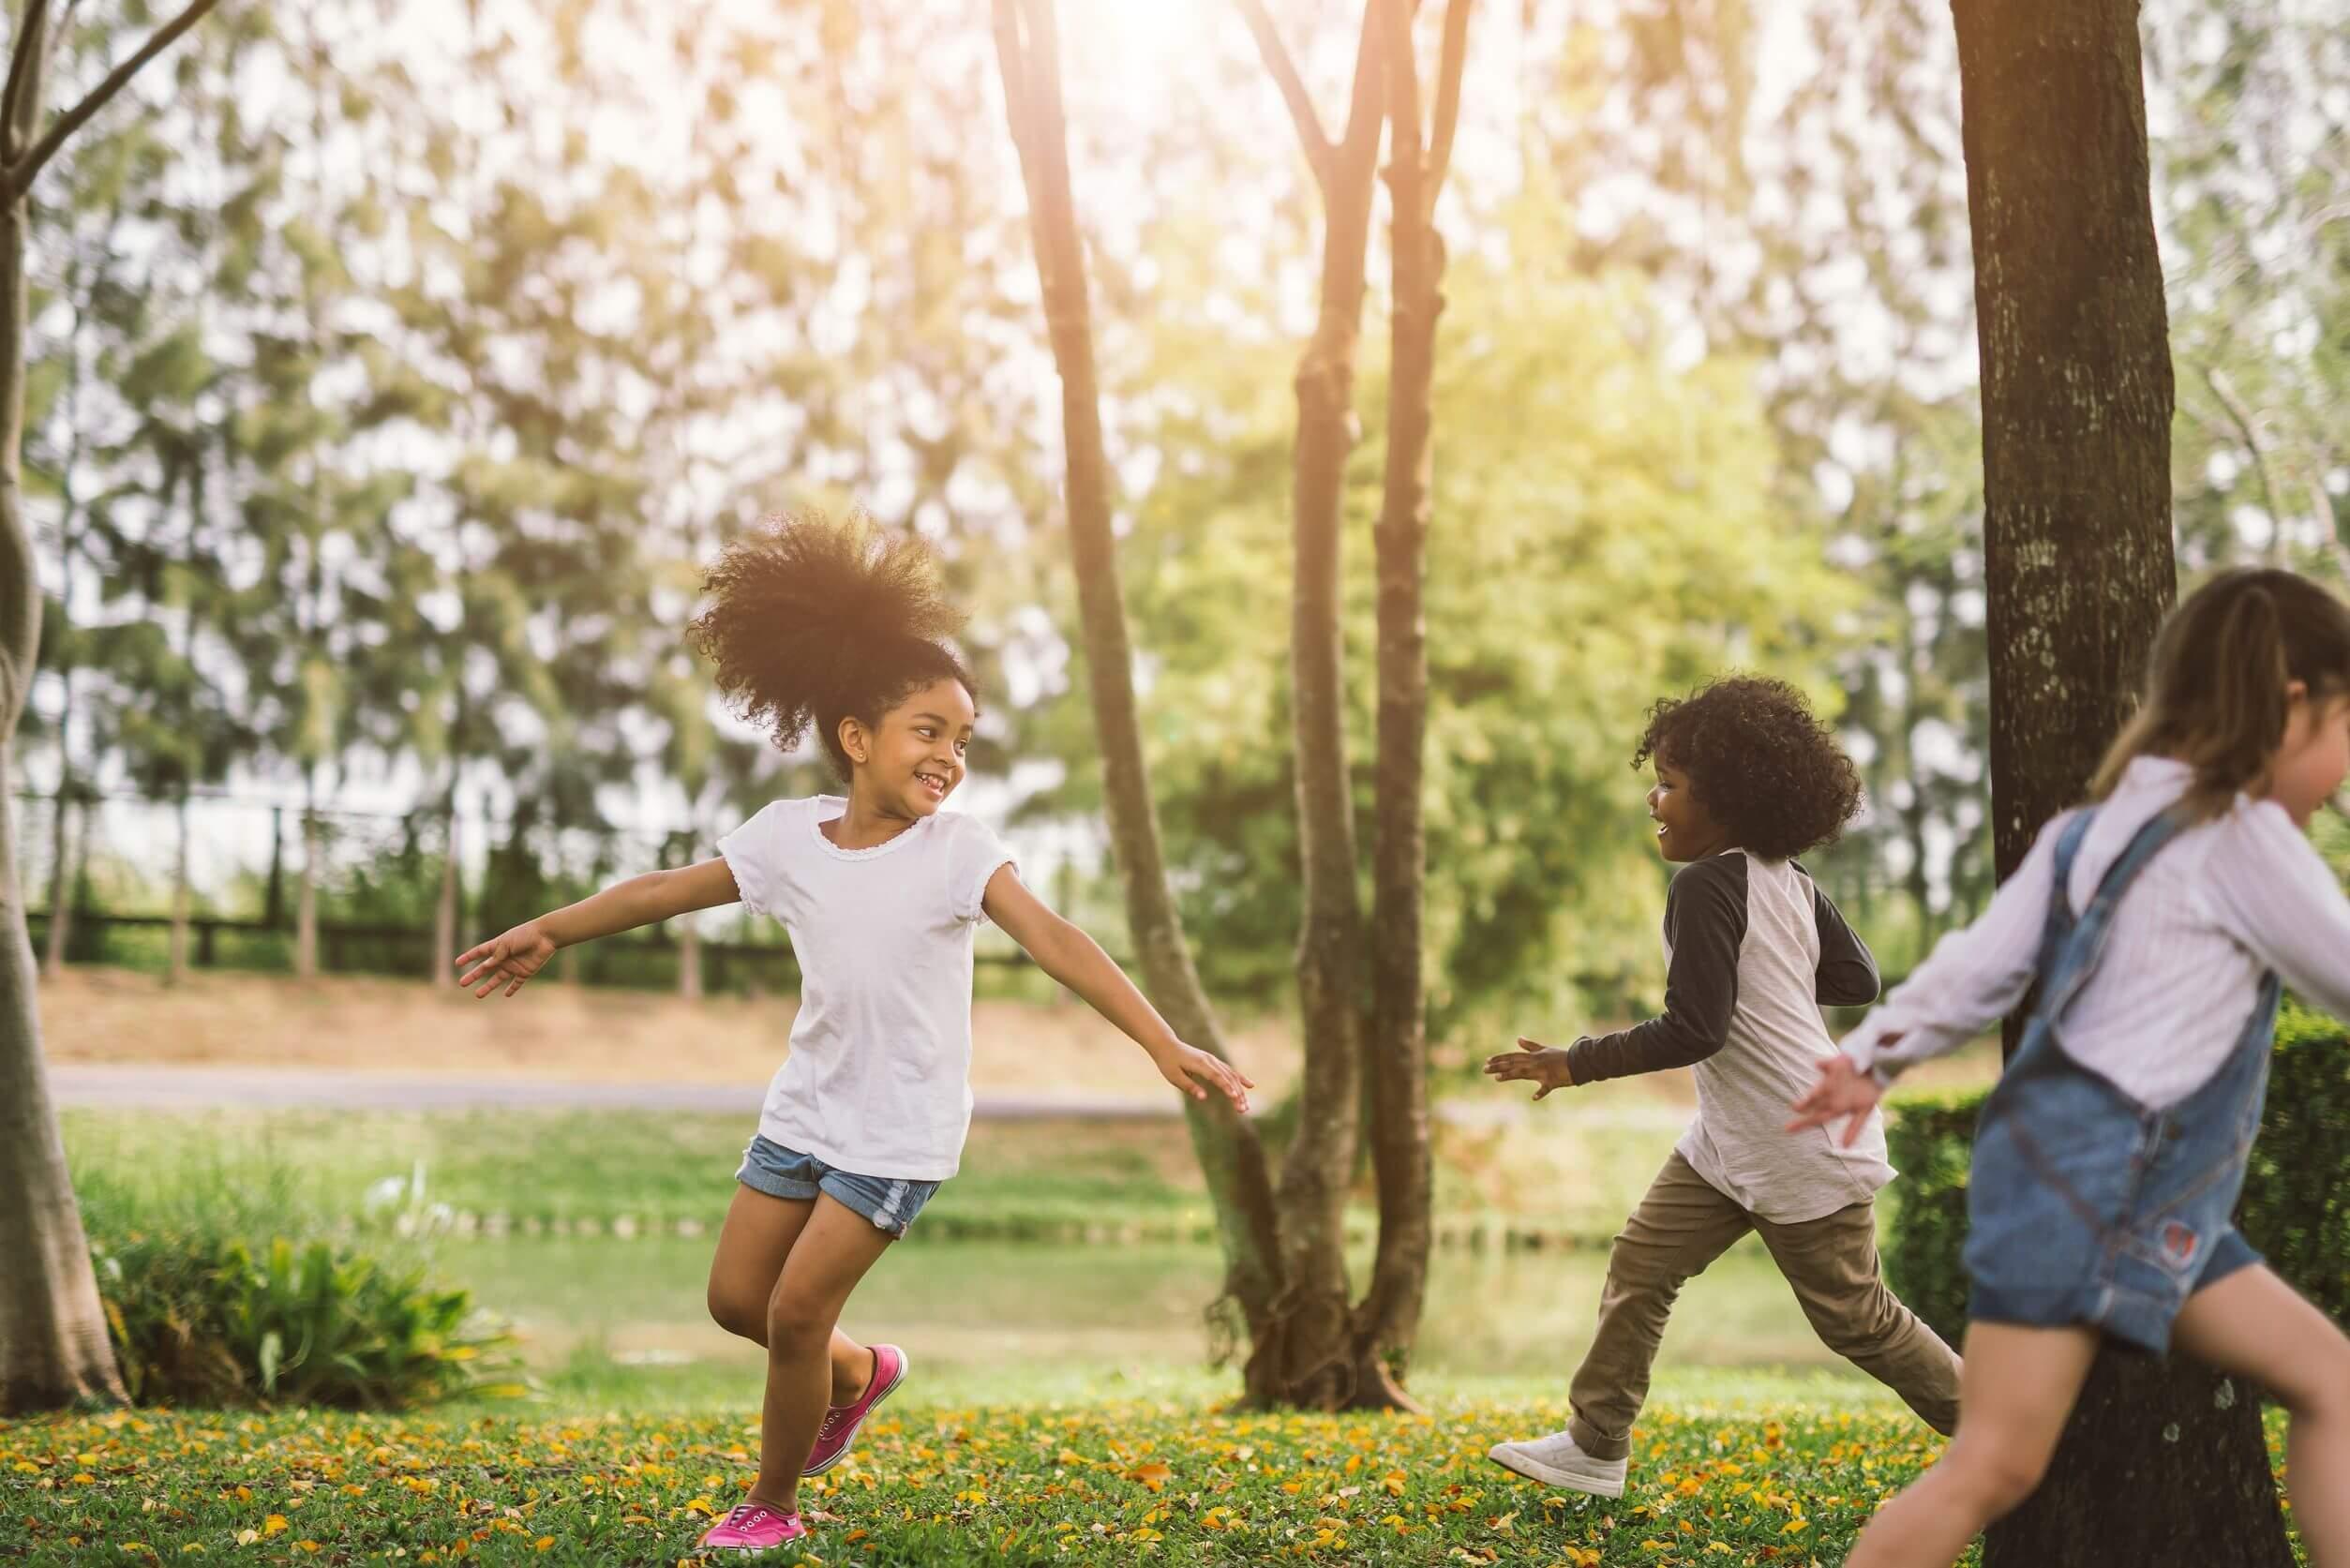 Niños disfrutando de juegos de exterior durante una fiesta infantil.